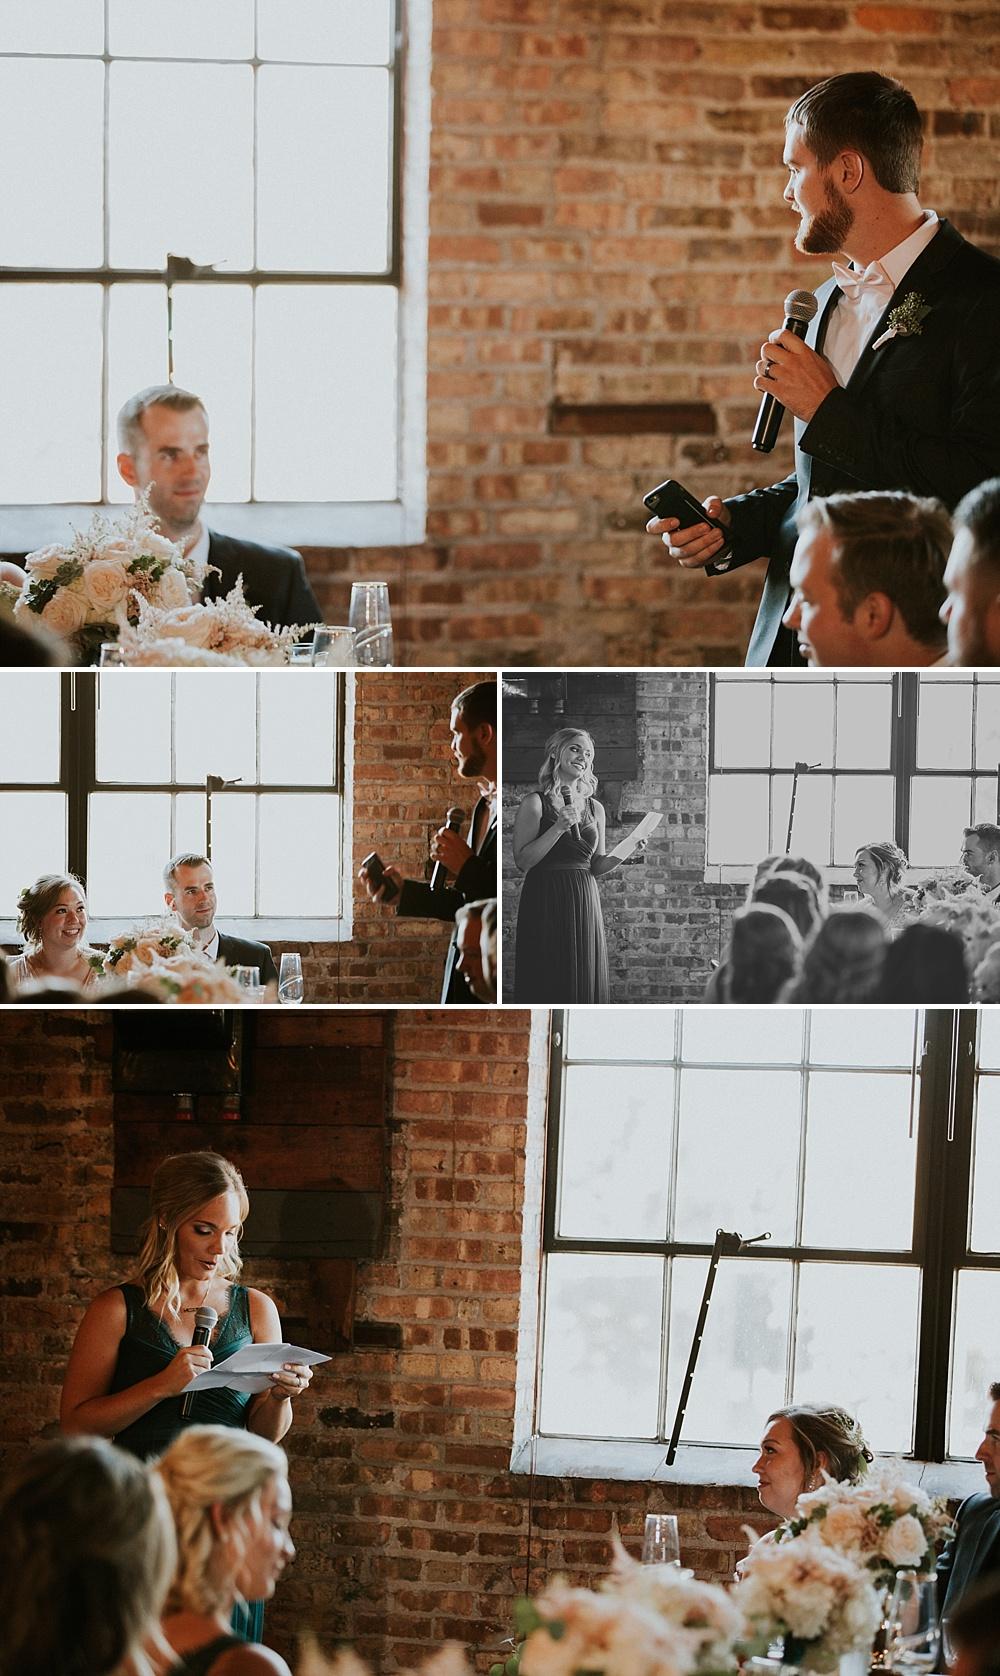 drew-laura-haight-wedding-milwaukee-photographer_0061.jpg